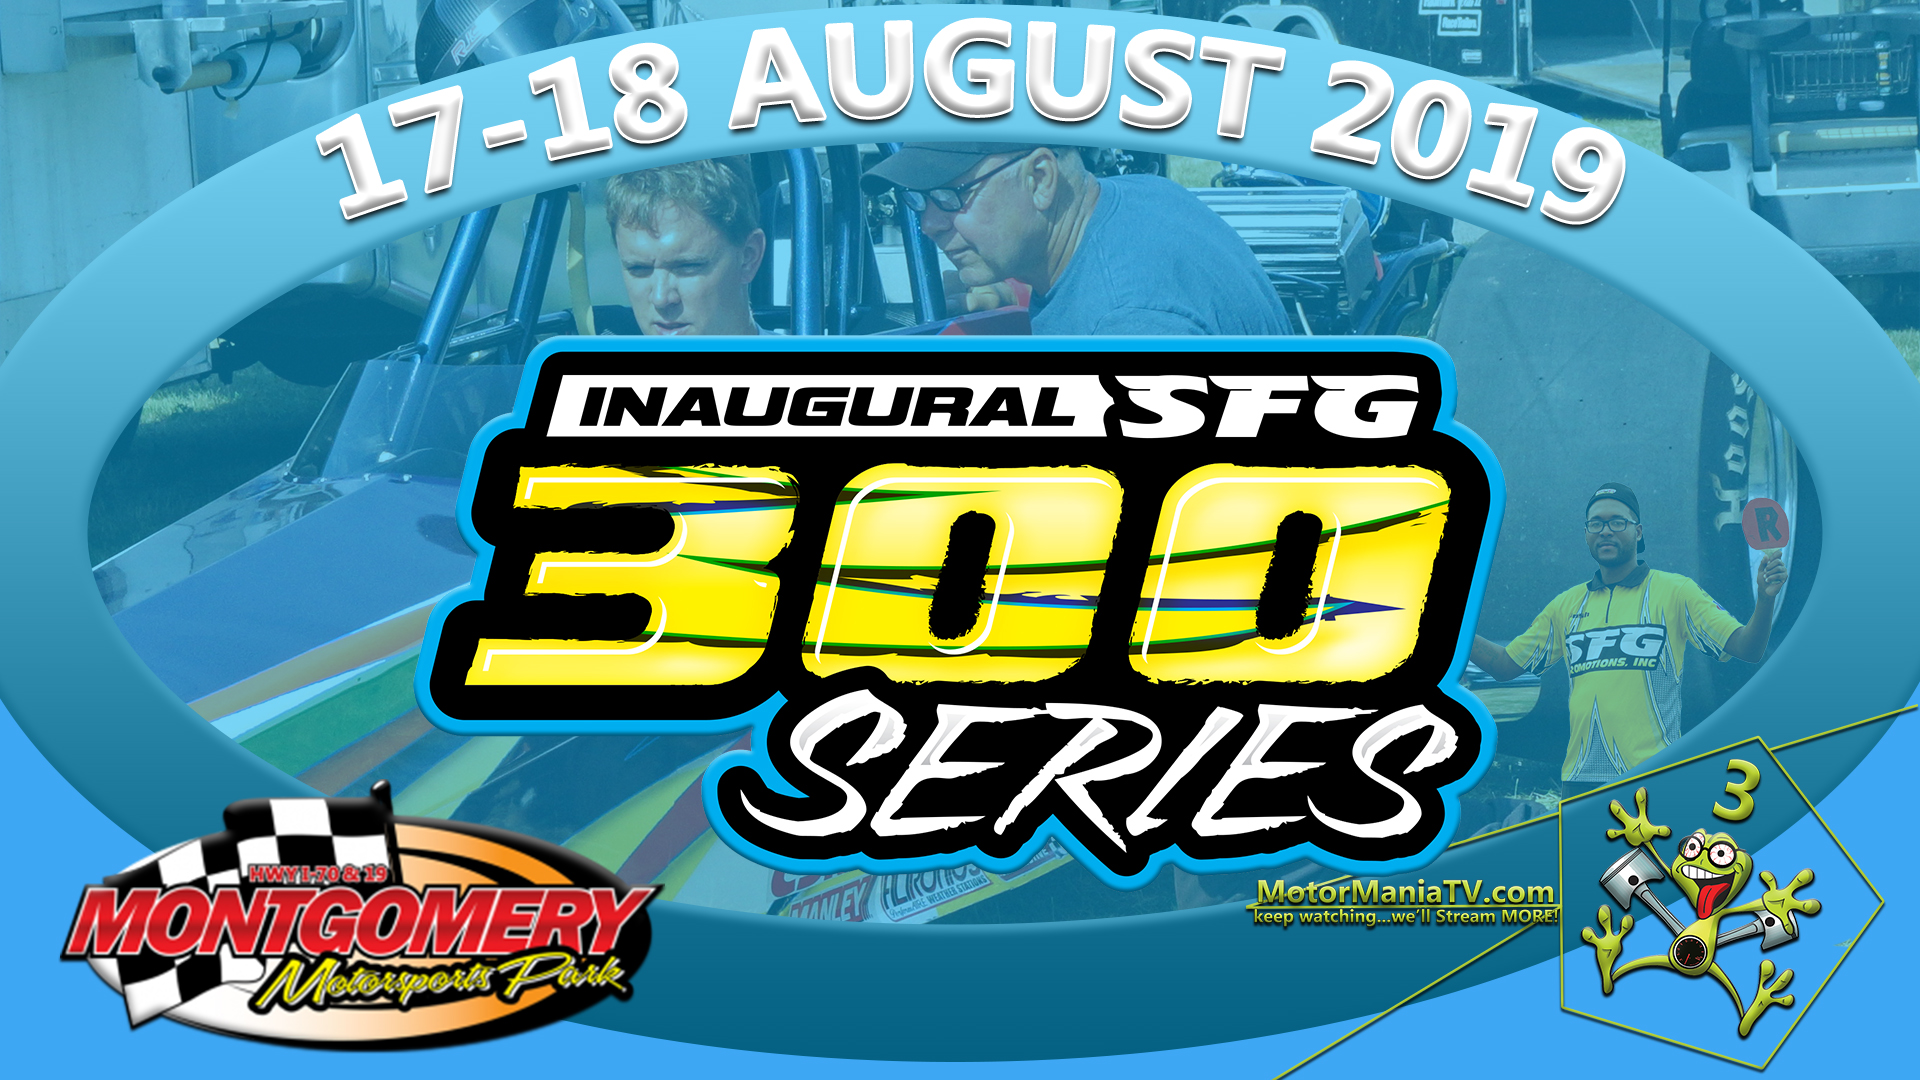 Aug17-18_SFG300-2019_Wps3